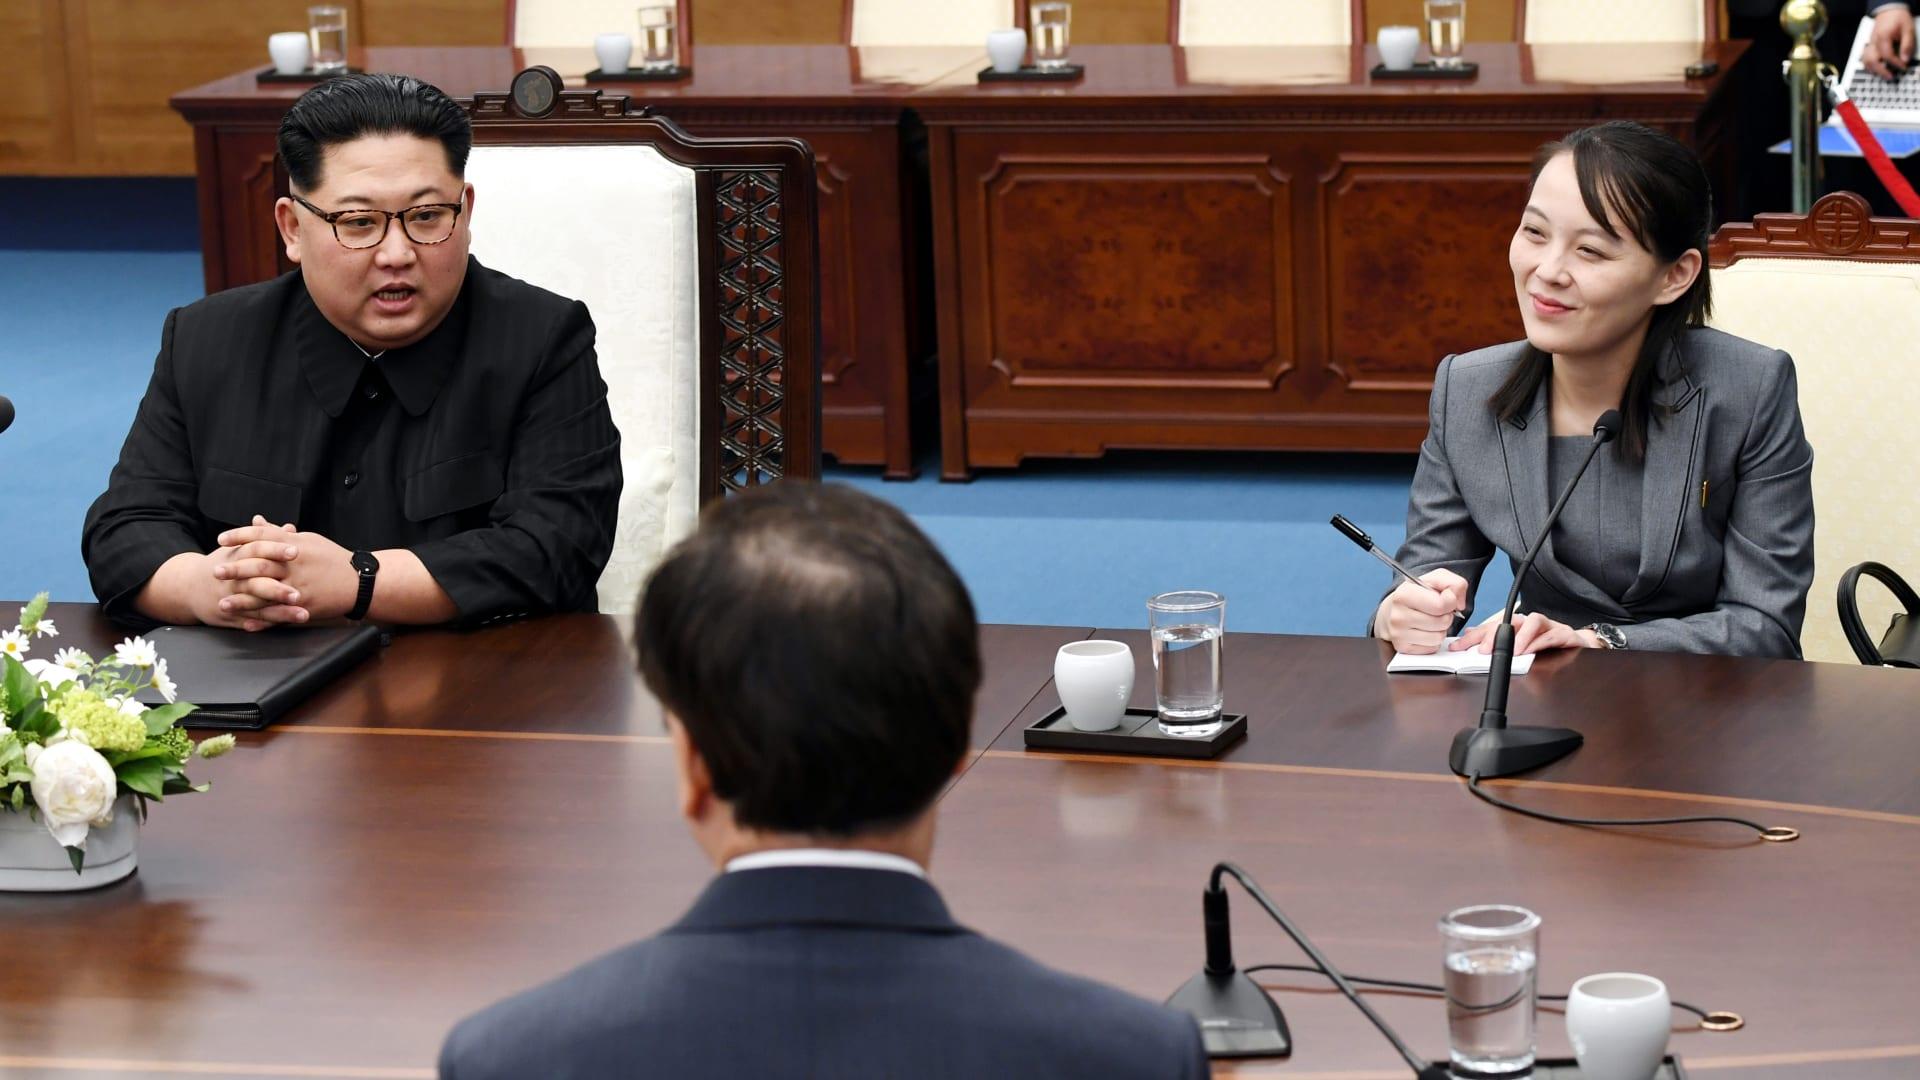 """بعد إعلانها استعداد كوريا الشمالية لـ""""إنهاء الحرب"""".. شقيقة كيم جونغ أون تعلن شرطًا لإتمام المصالحة"""